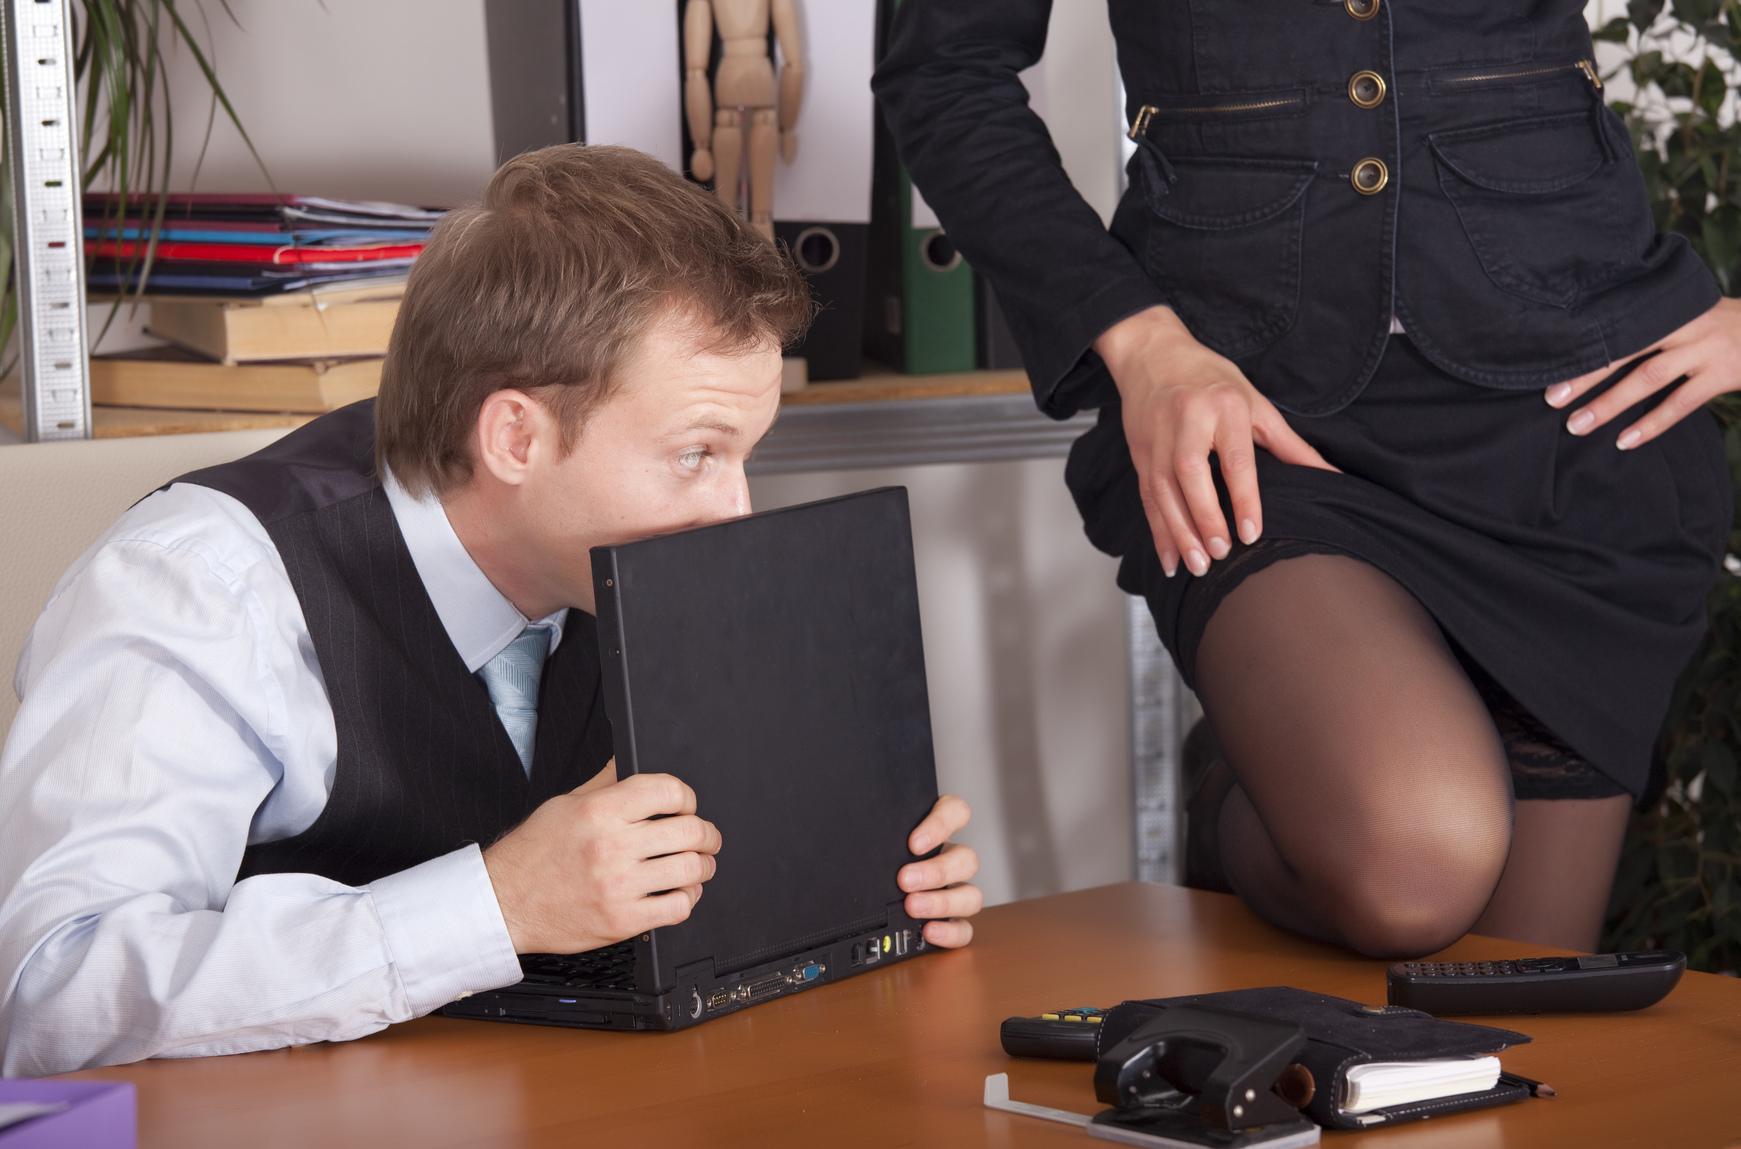 Смс флирт с мужчиной с сексом 12 фотография